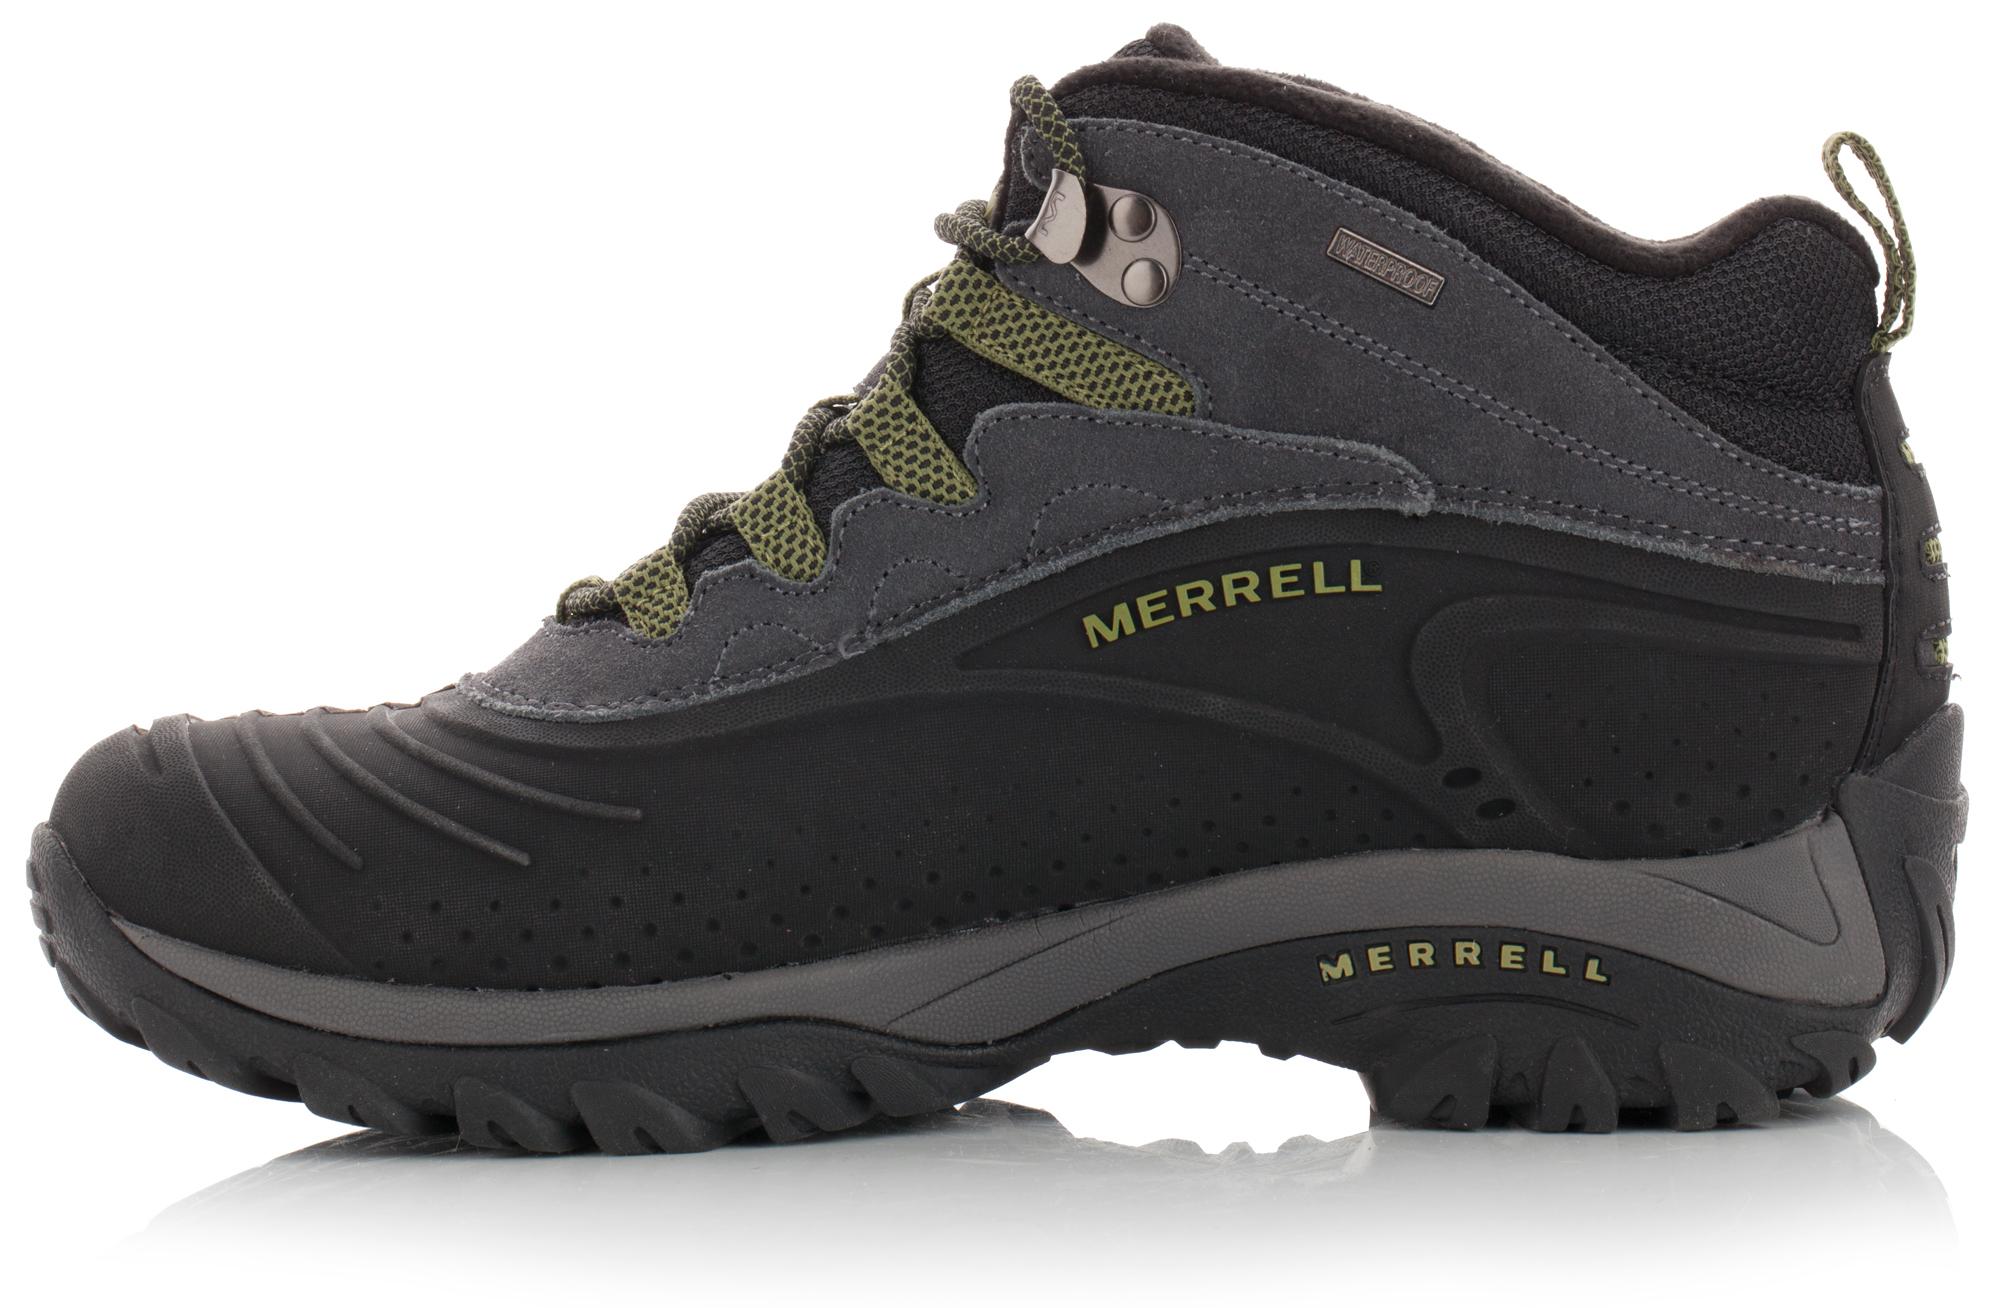 цена на Merrell Ботинки утепленные мужские Merrell Storm Trekker 6, размер 42